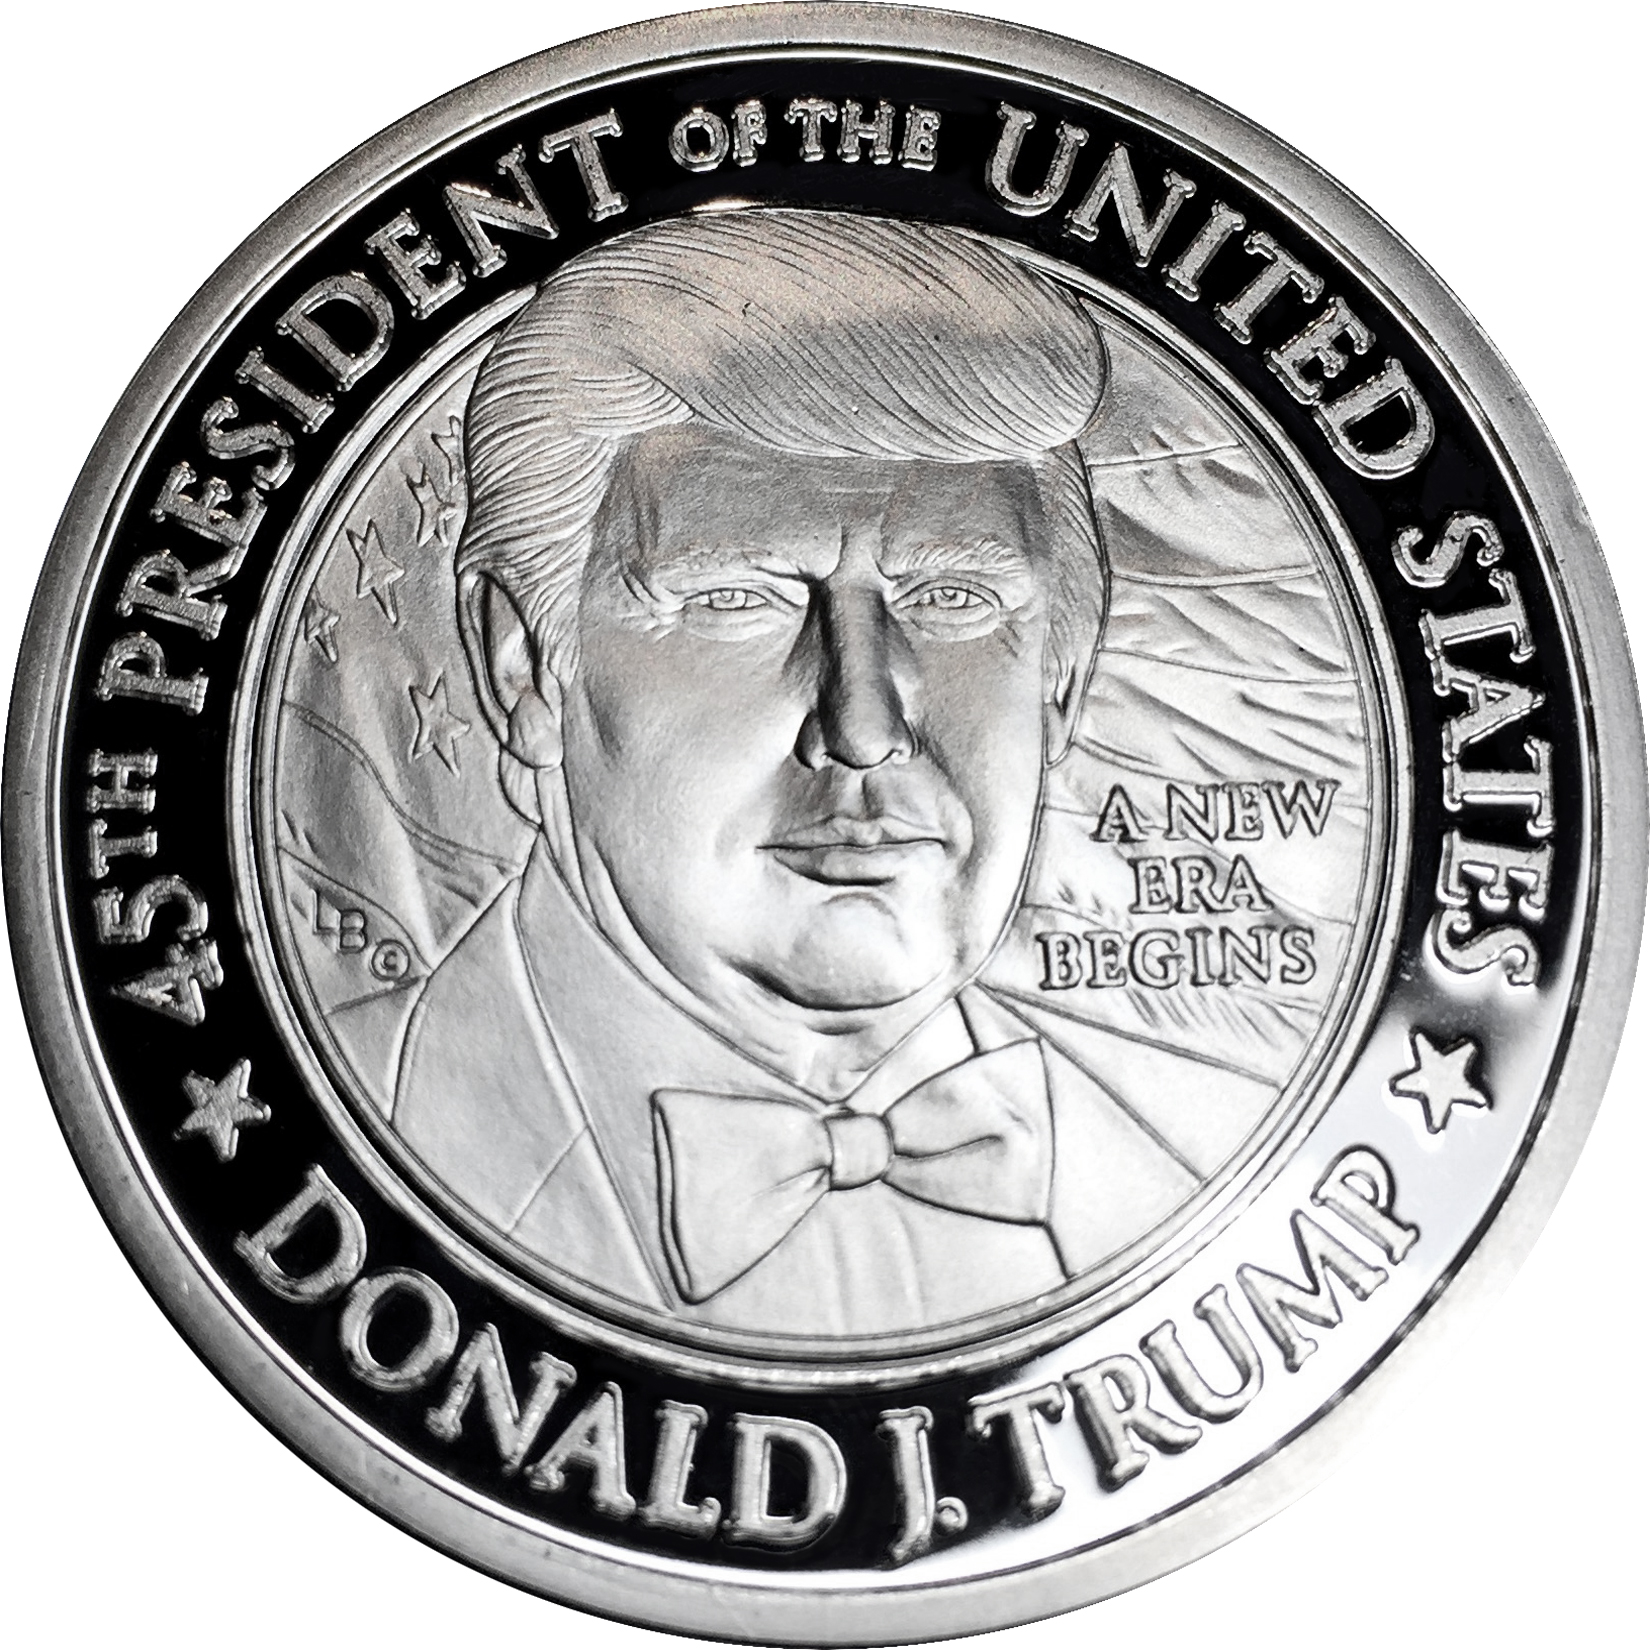 2017 Trump Inauguration Commemorative .999 Fine Silver Coin 1 Troy Oz